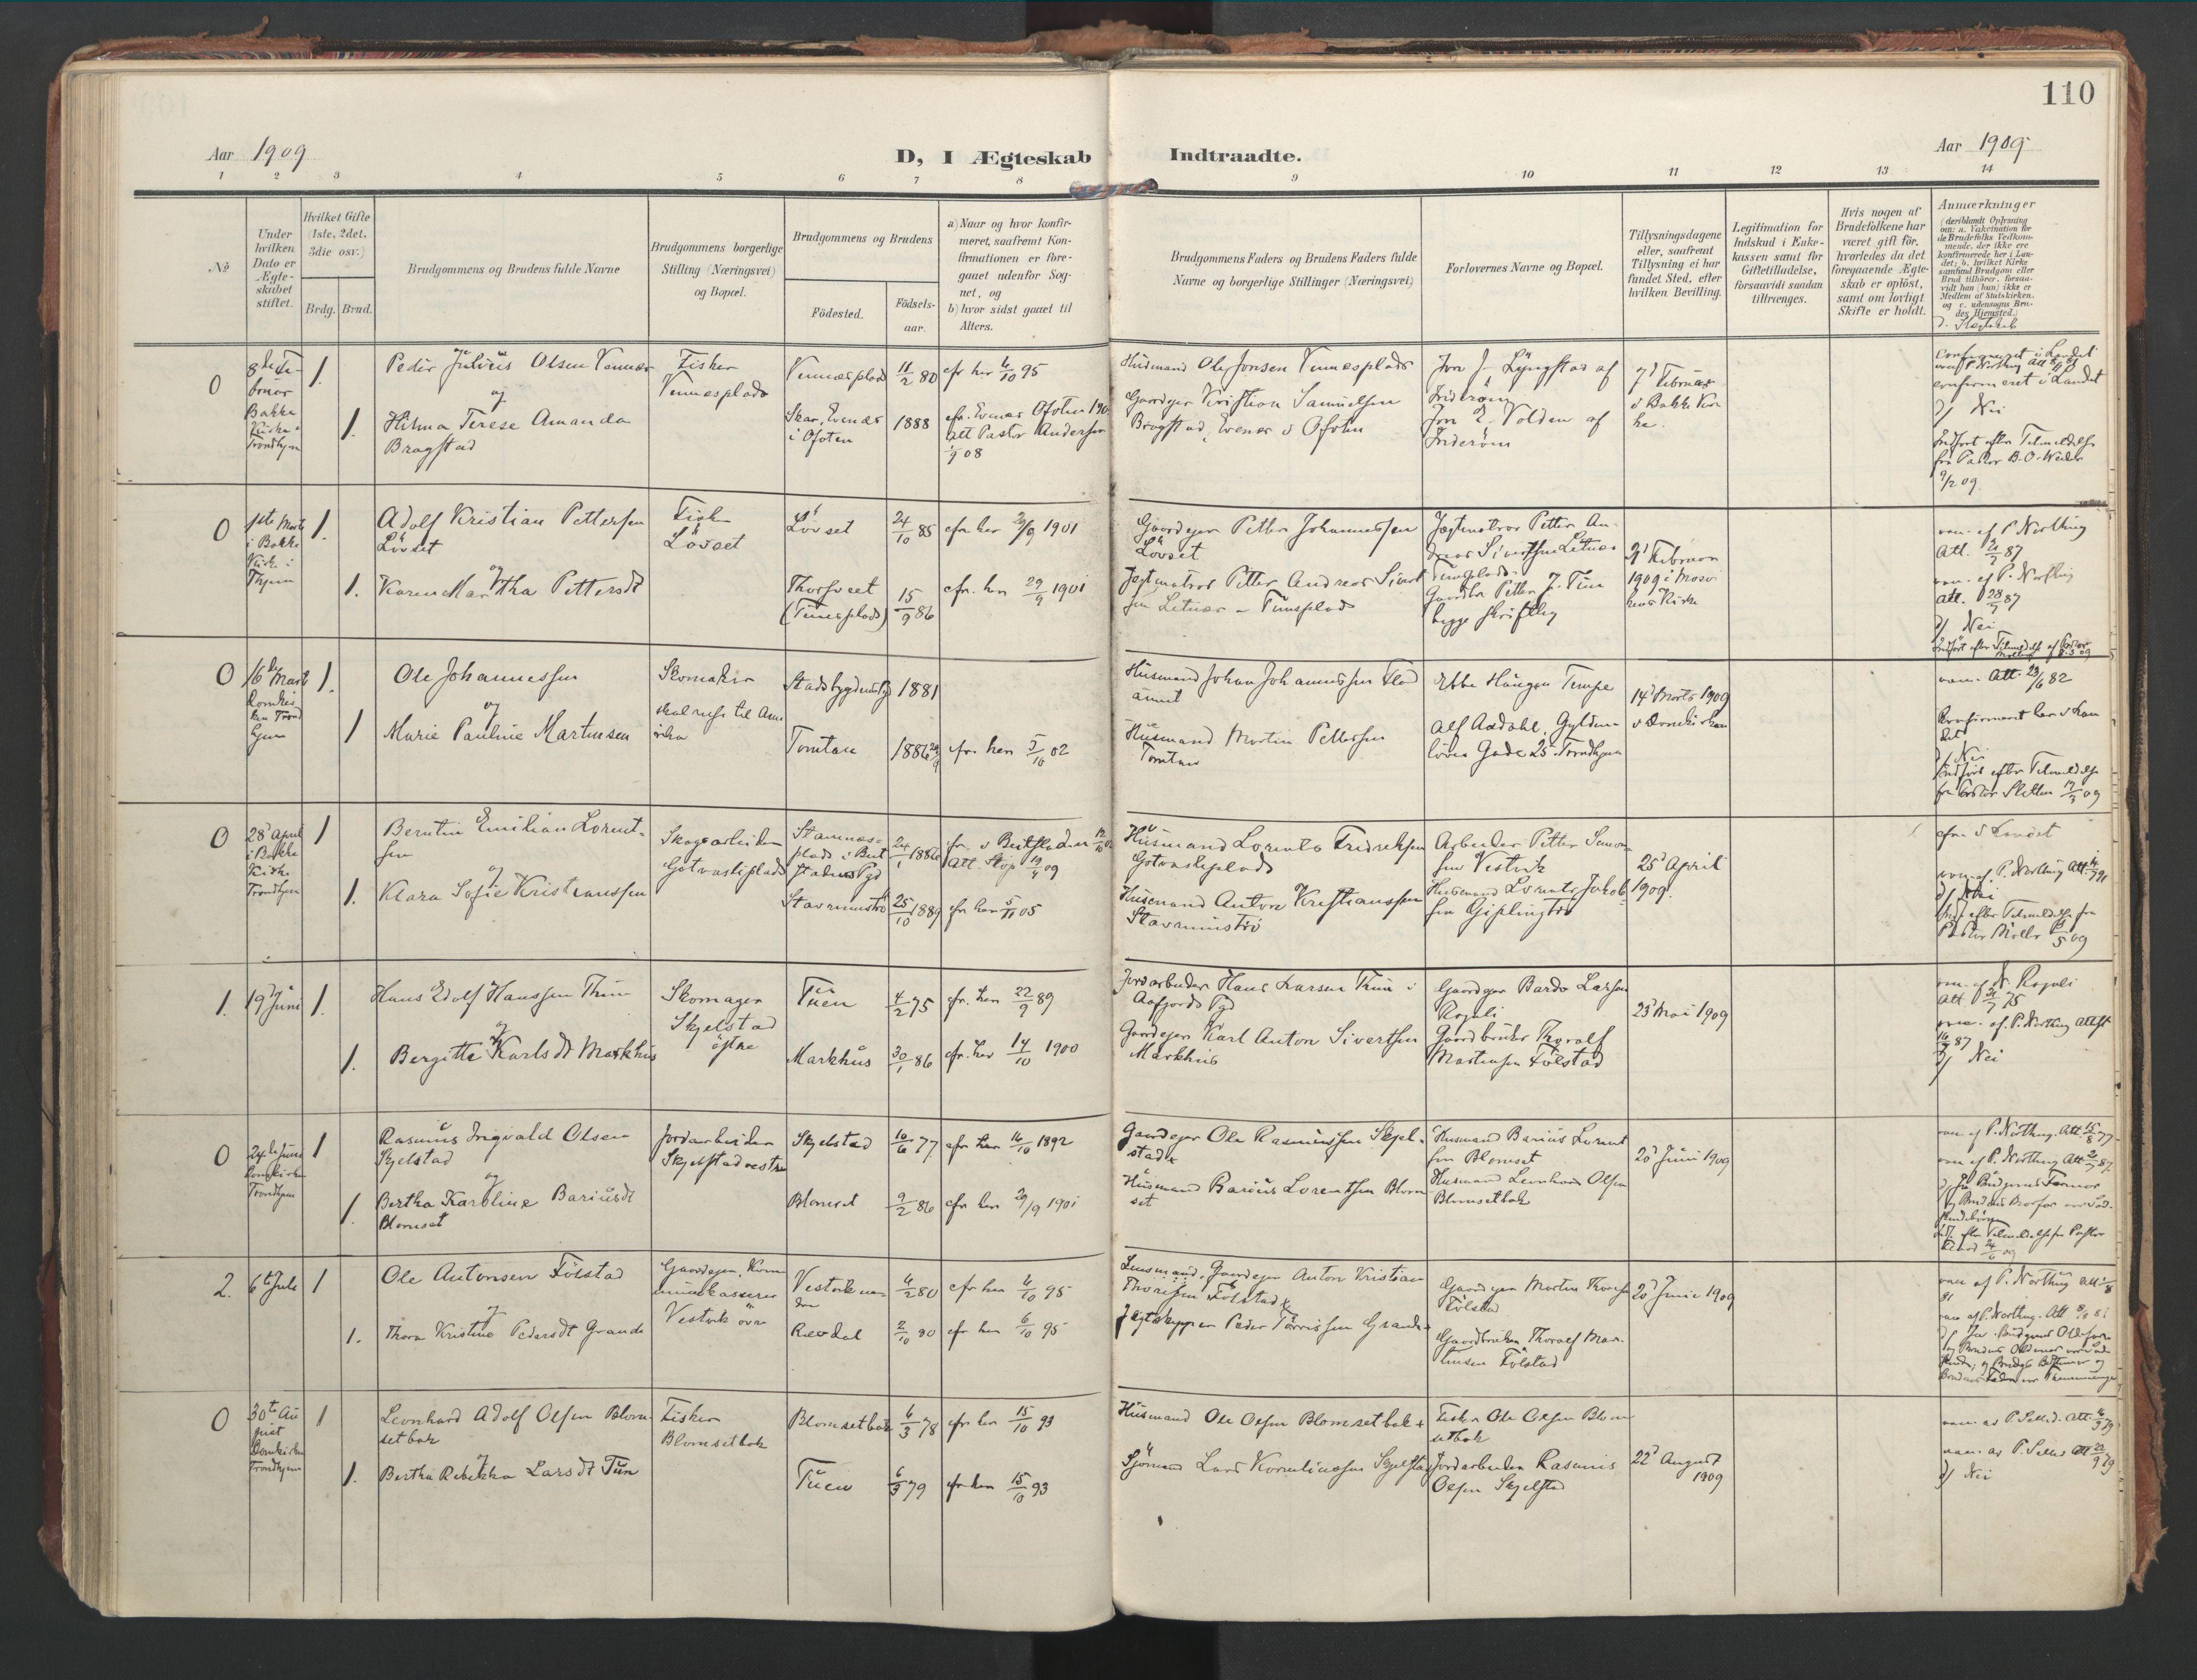 SAT, Ministerialprotokoller, klokkerbøker og fødselsregistre - Nord-Trøndelag, 744/L0421: Ministerialbok nr. 744A05, 1905-1930, s. 110